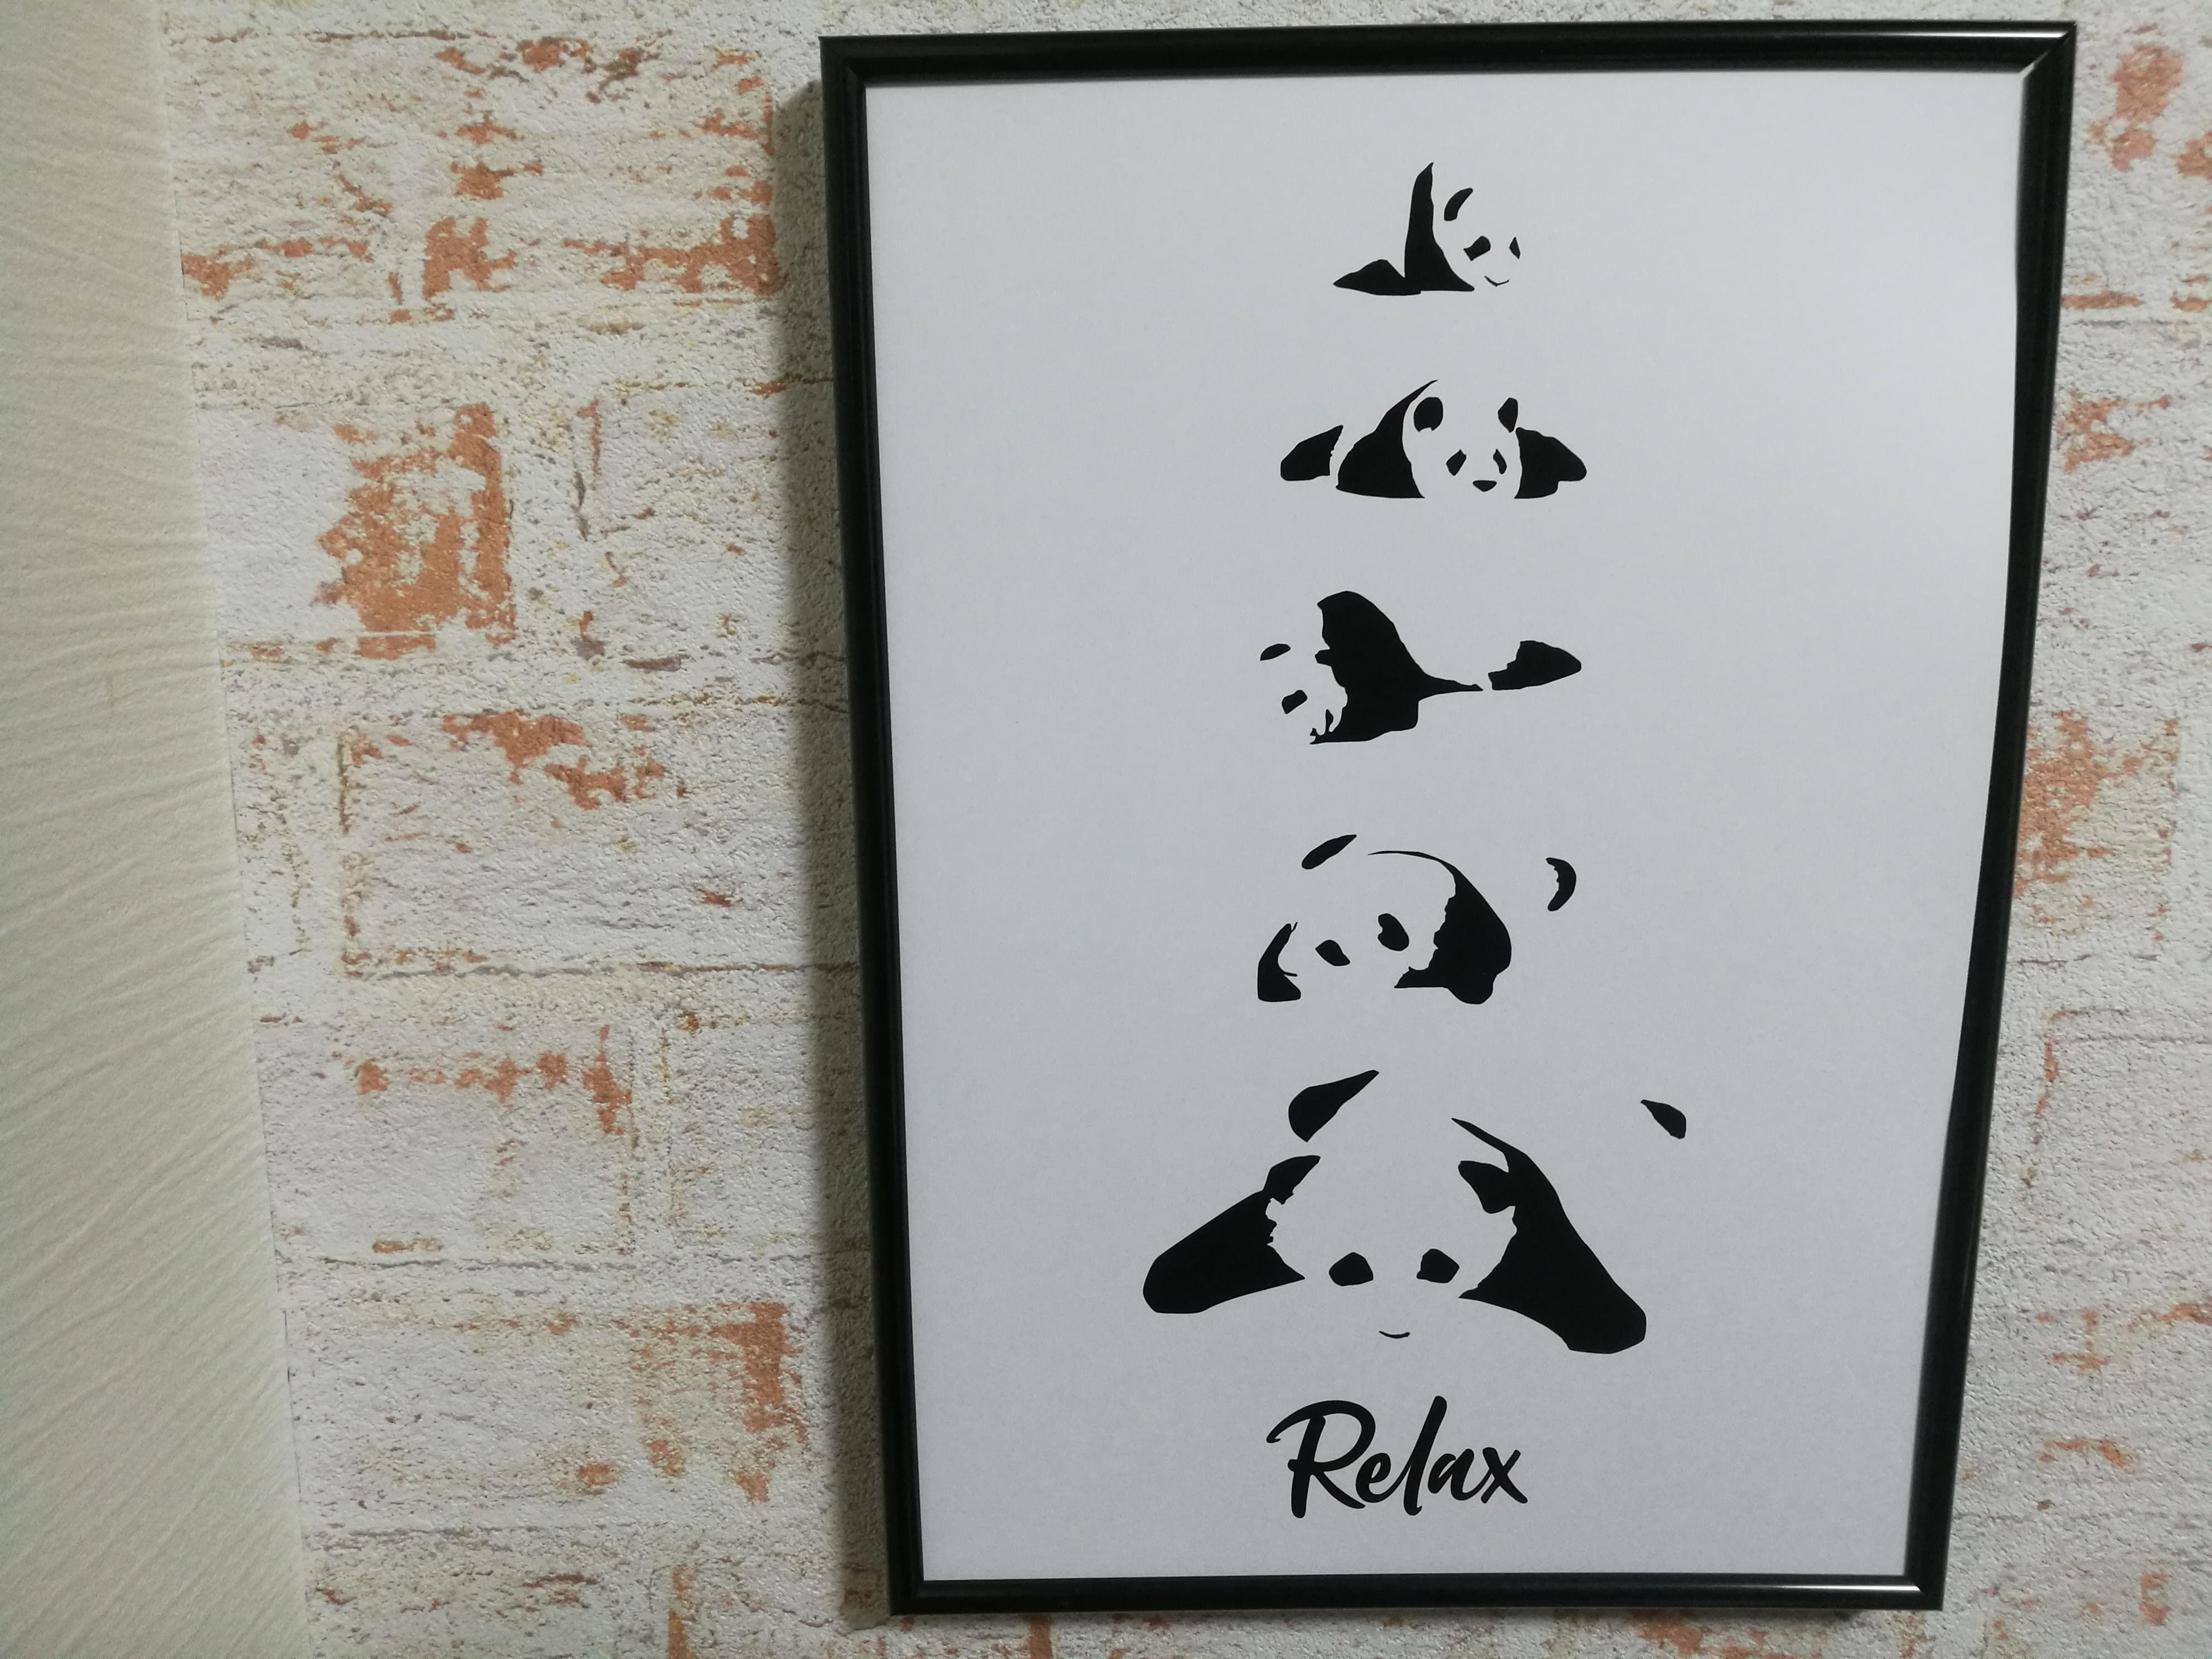 【シンプルでカッコいい!どこに飾っても雰囲気バッチリなアートポスター!】のご紹介。